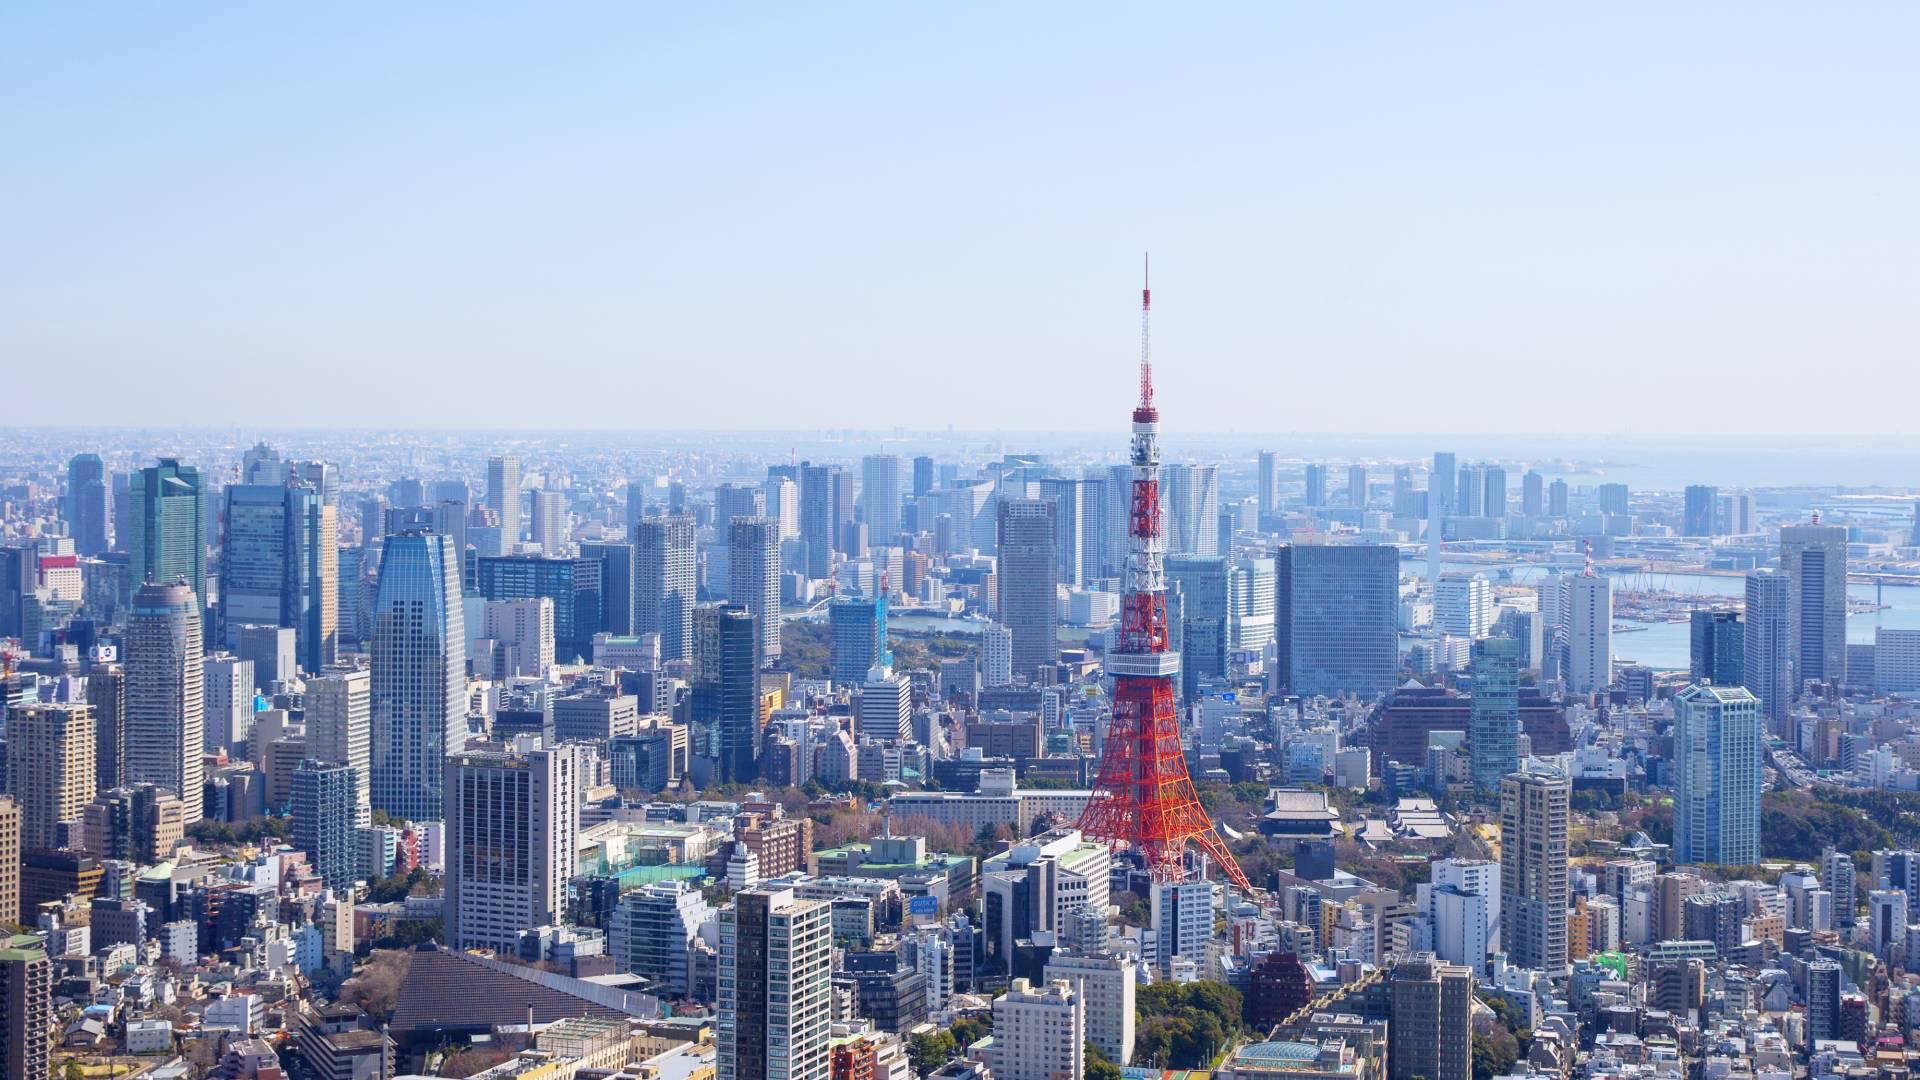 東京タワー&周辺エリア/東京の観光公式サイトGO TOKYO